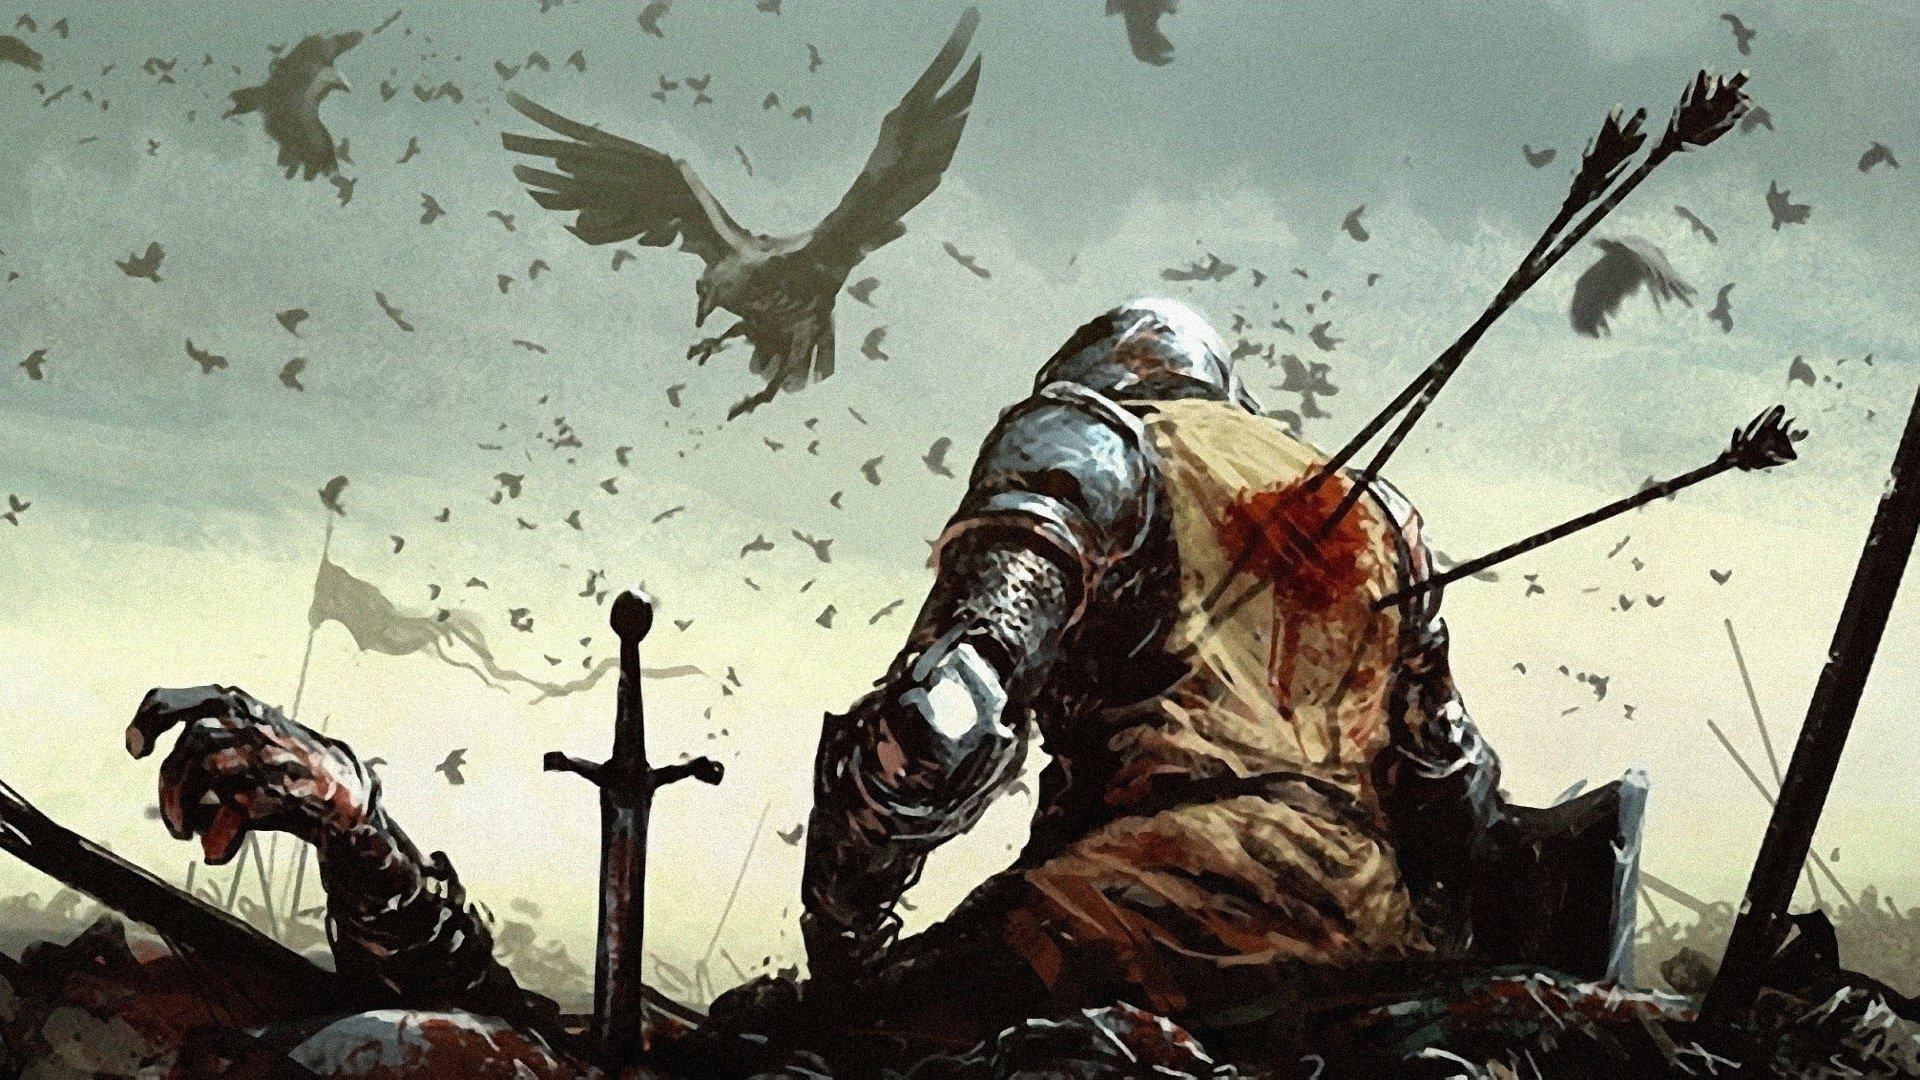 中世、古代の装備や兵器の解説